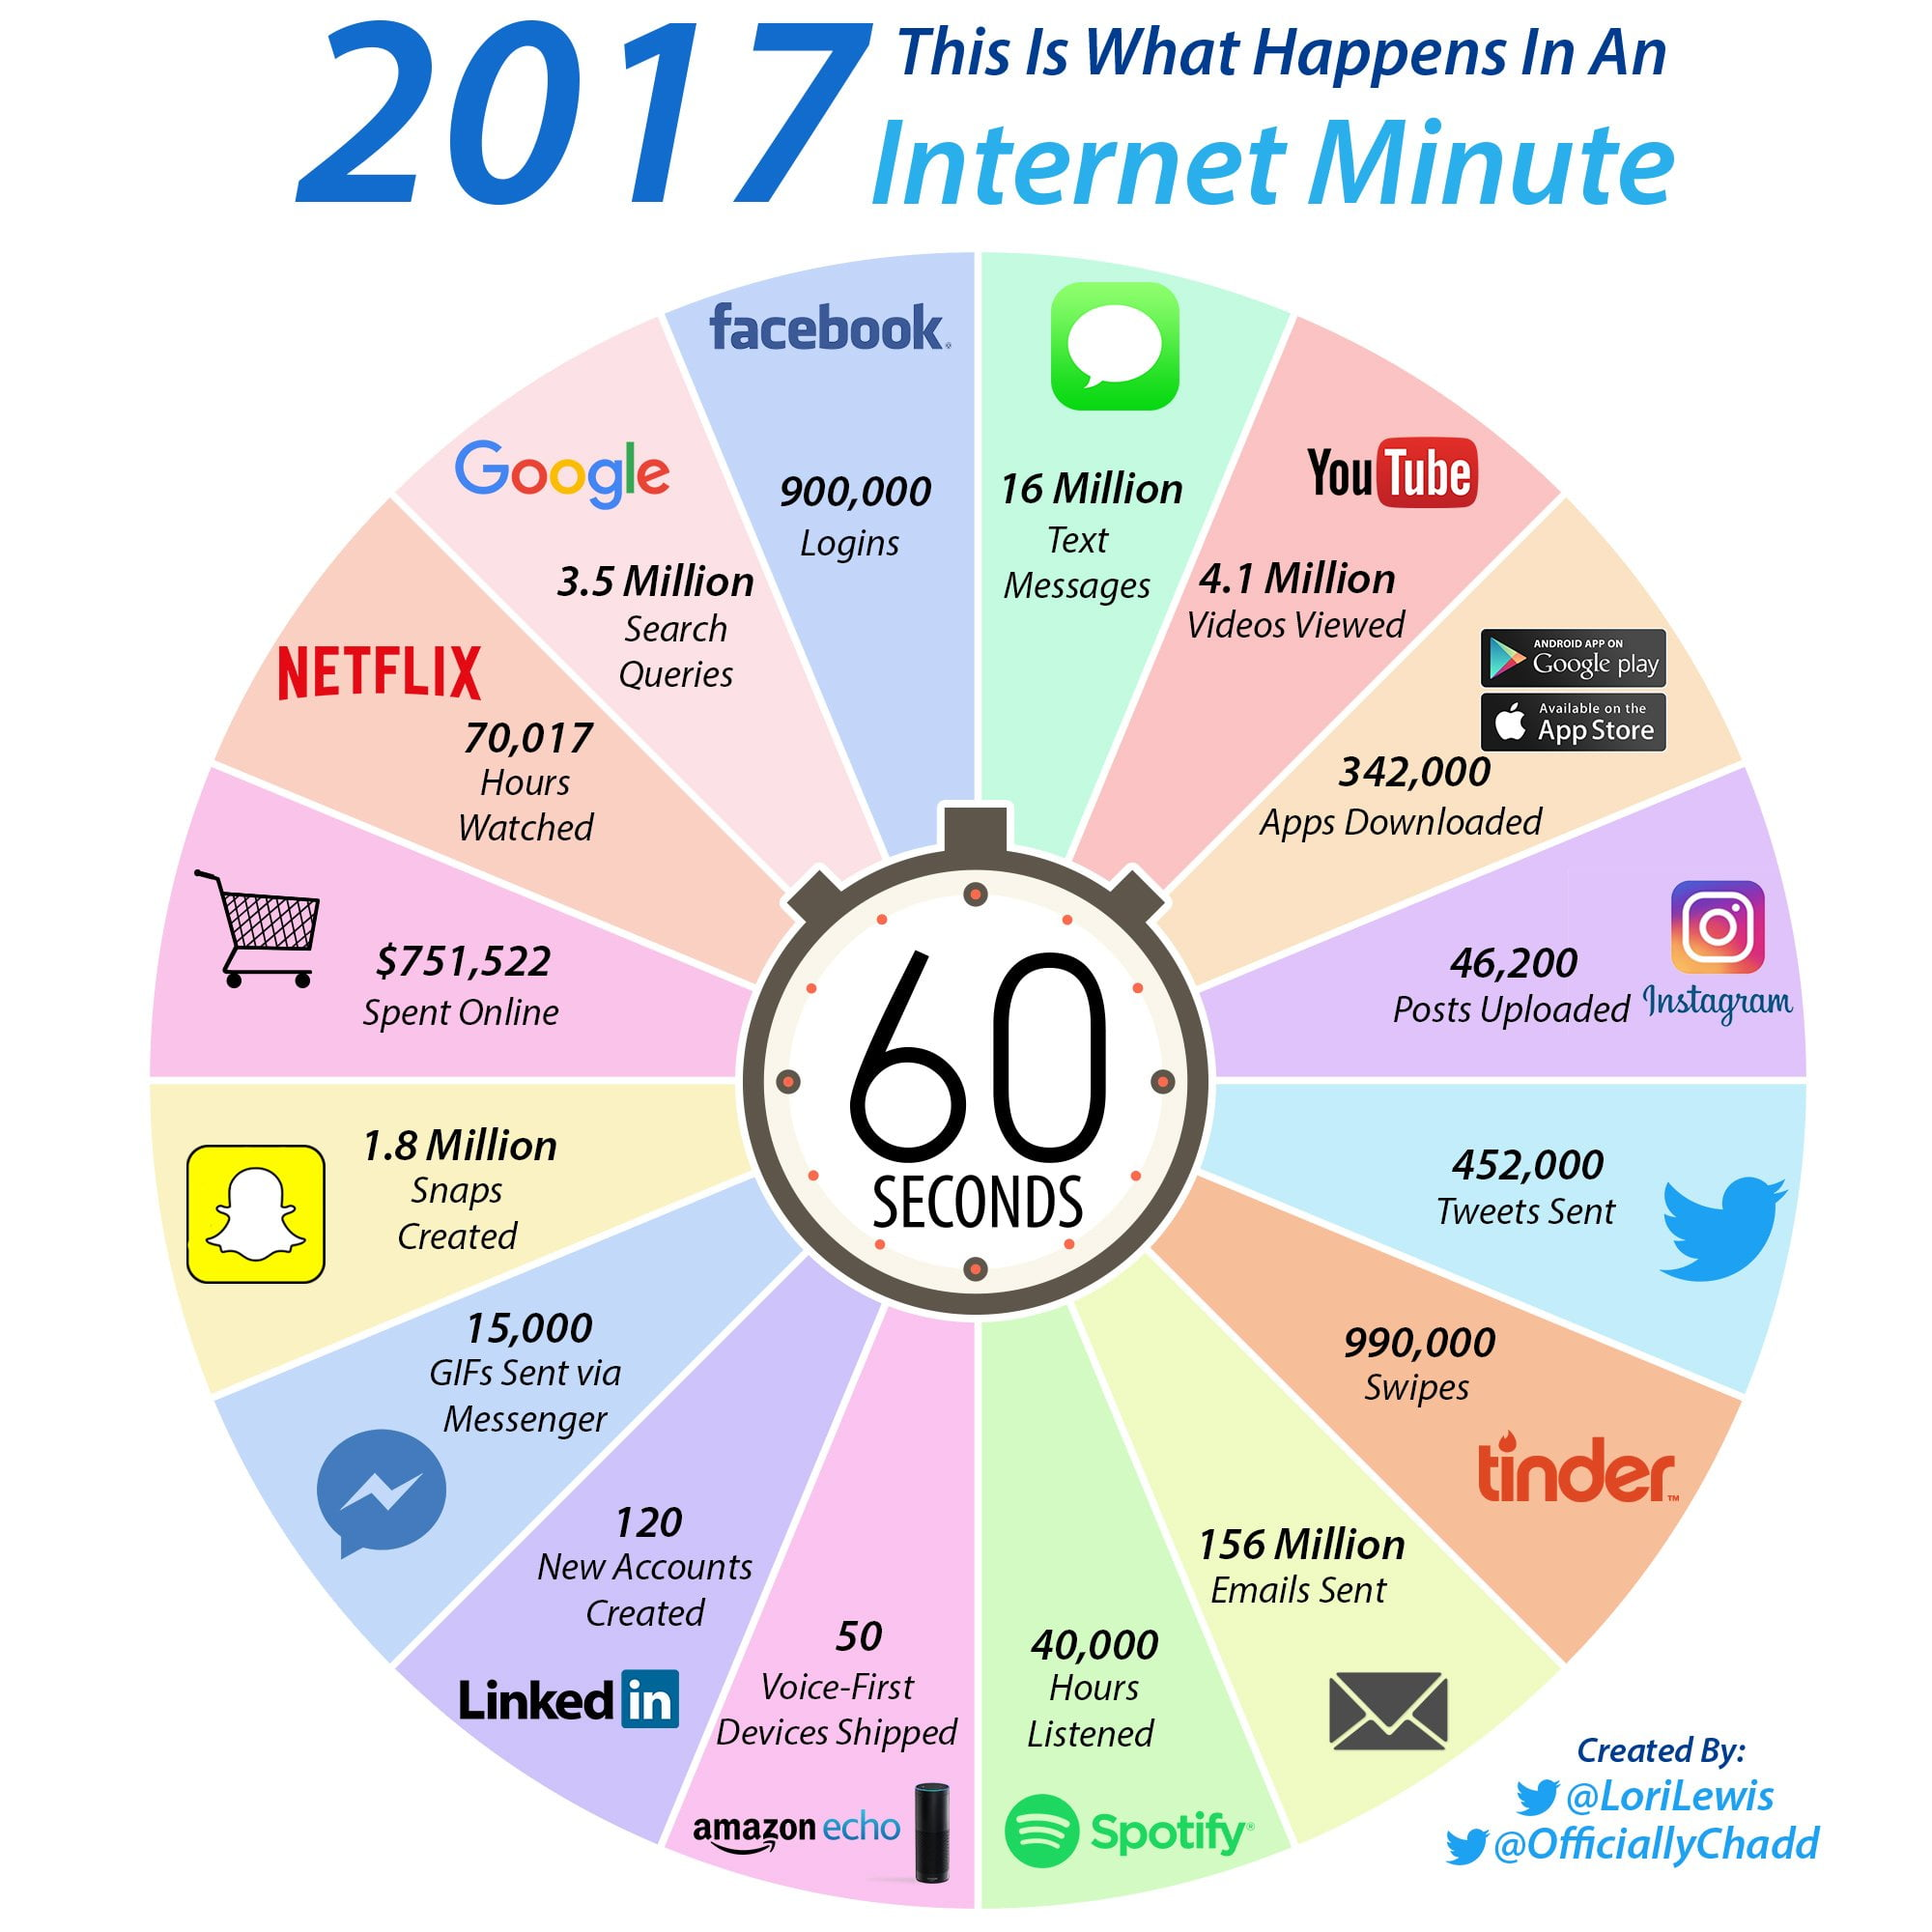 internet-minute-2017 Infographie : voici ce qui se passe en une minute sur Internet (version 2017)